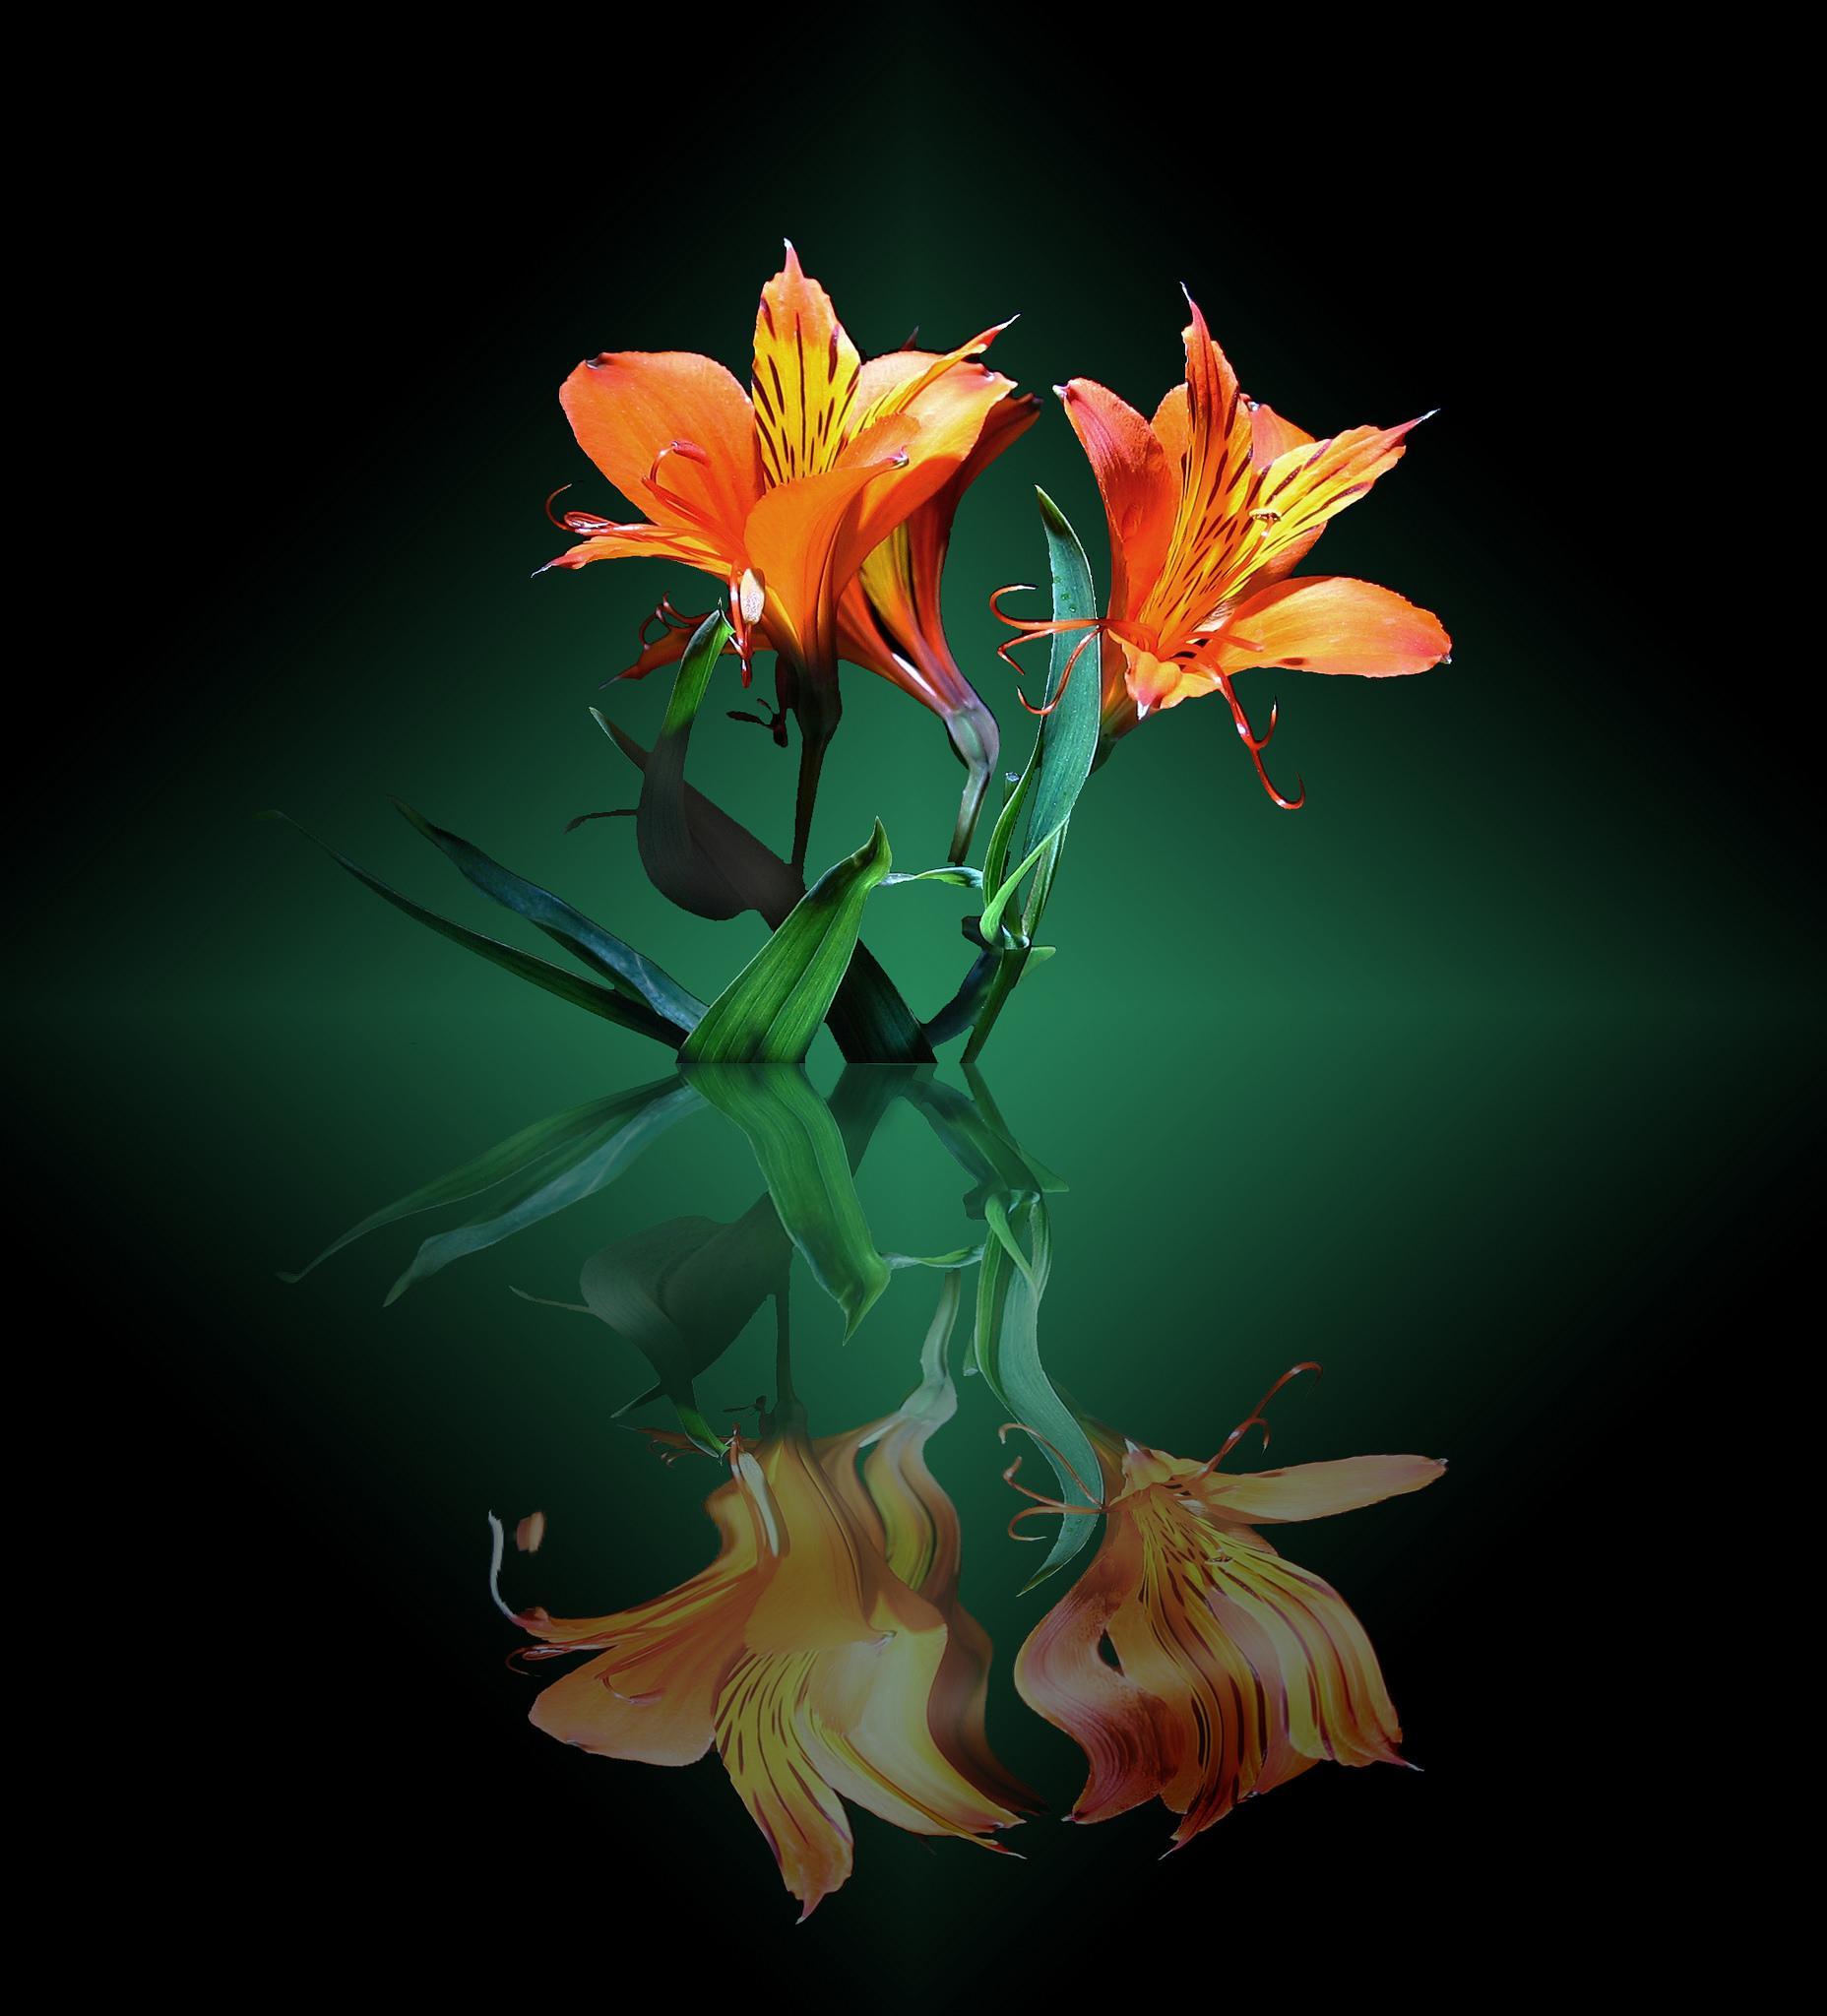 Картинки на телефон цветы лилии, днем